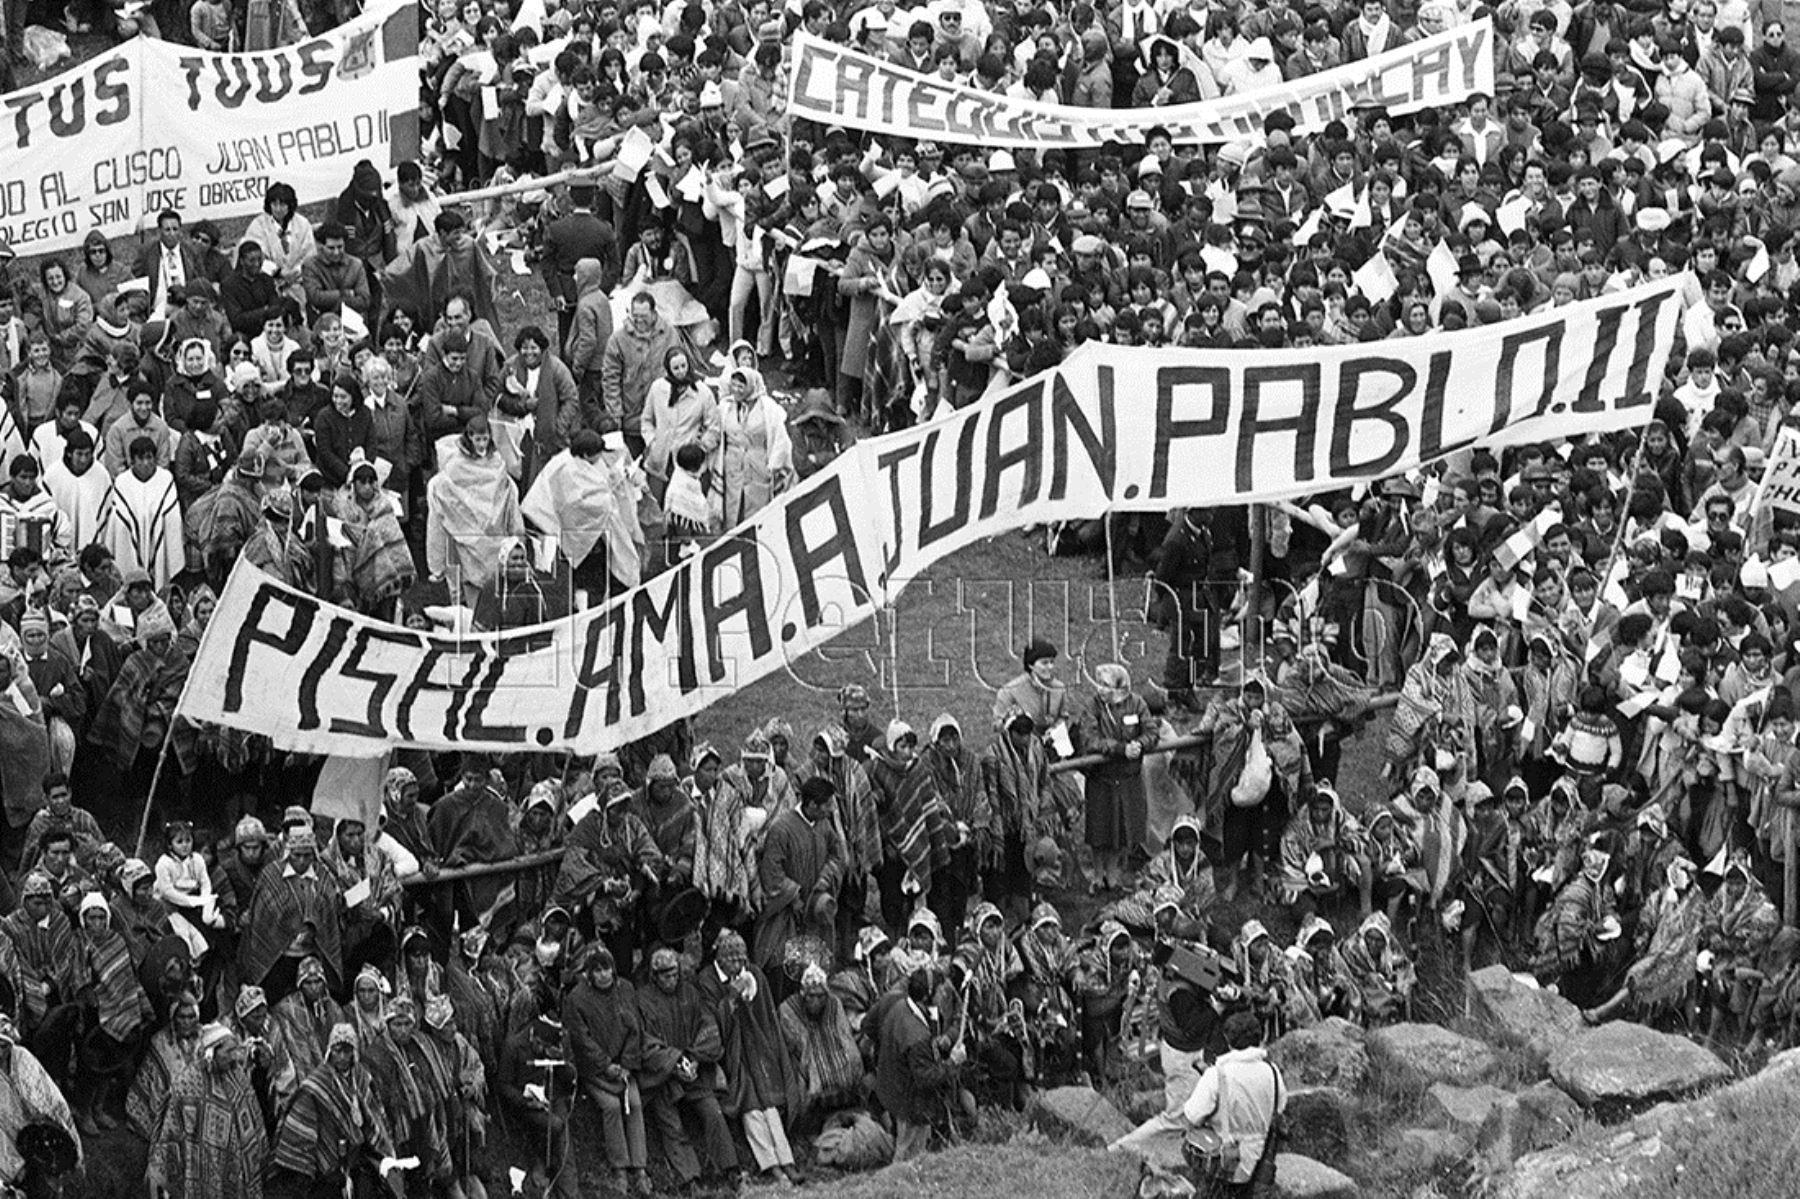 Cusco (1985) Miles de personas provenientes de comunidades indígenas y campesinas escucharon el mensaje en la explanada de la Fortaleza de Sacsayhuaman.